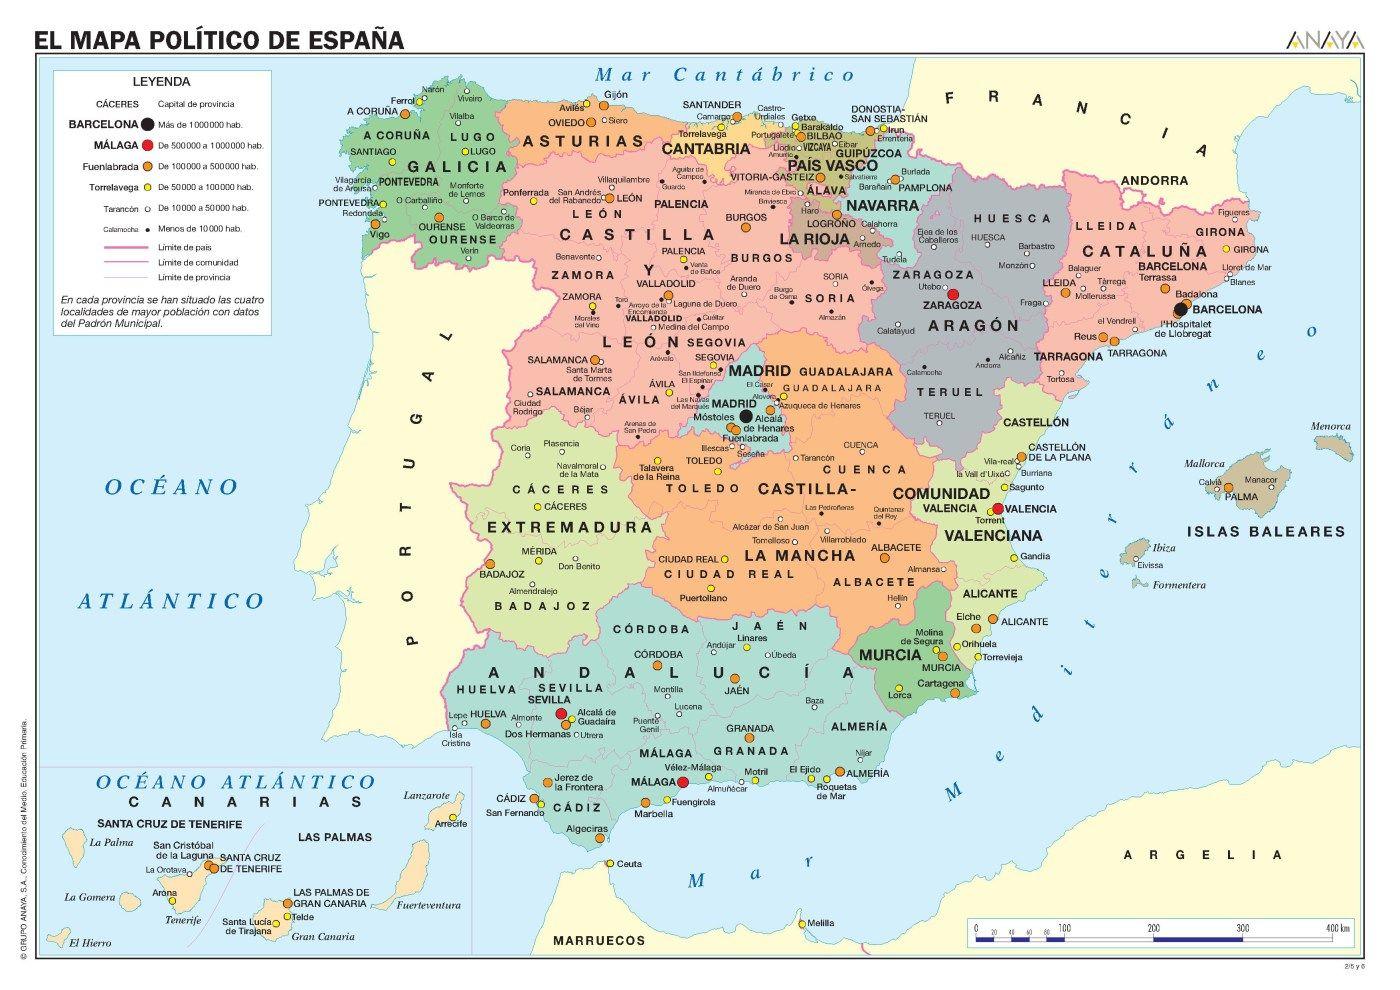 MAPAS DE ESPAA FSICOS POLTICOS Y MUDOS  Mapa politico Mapas